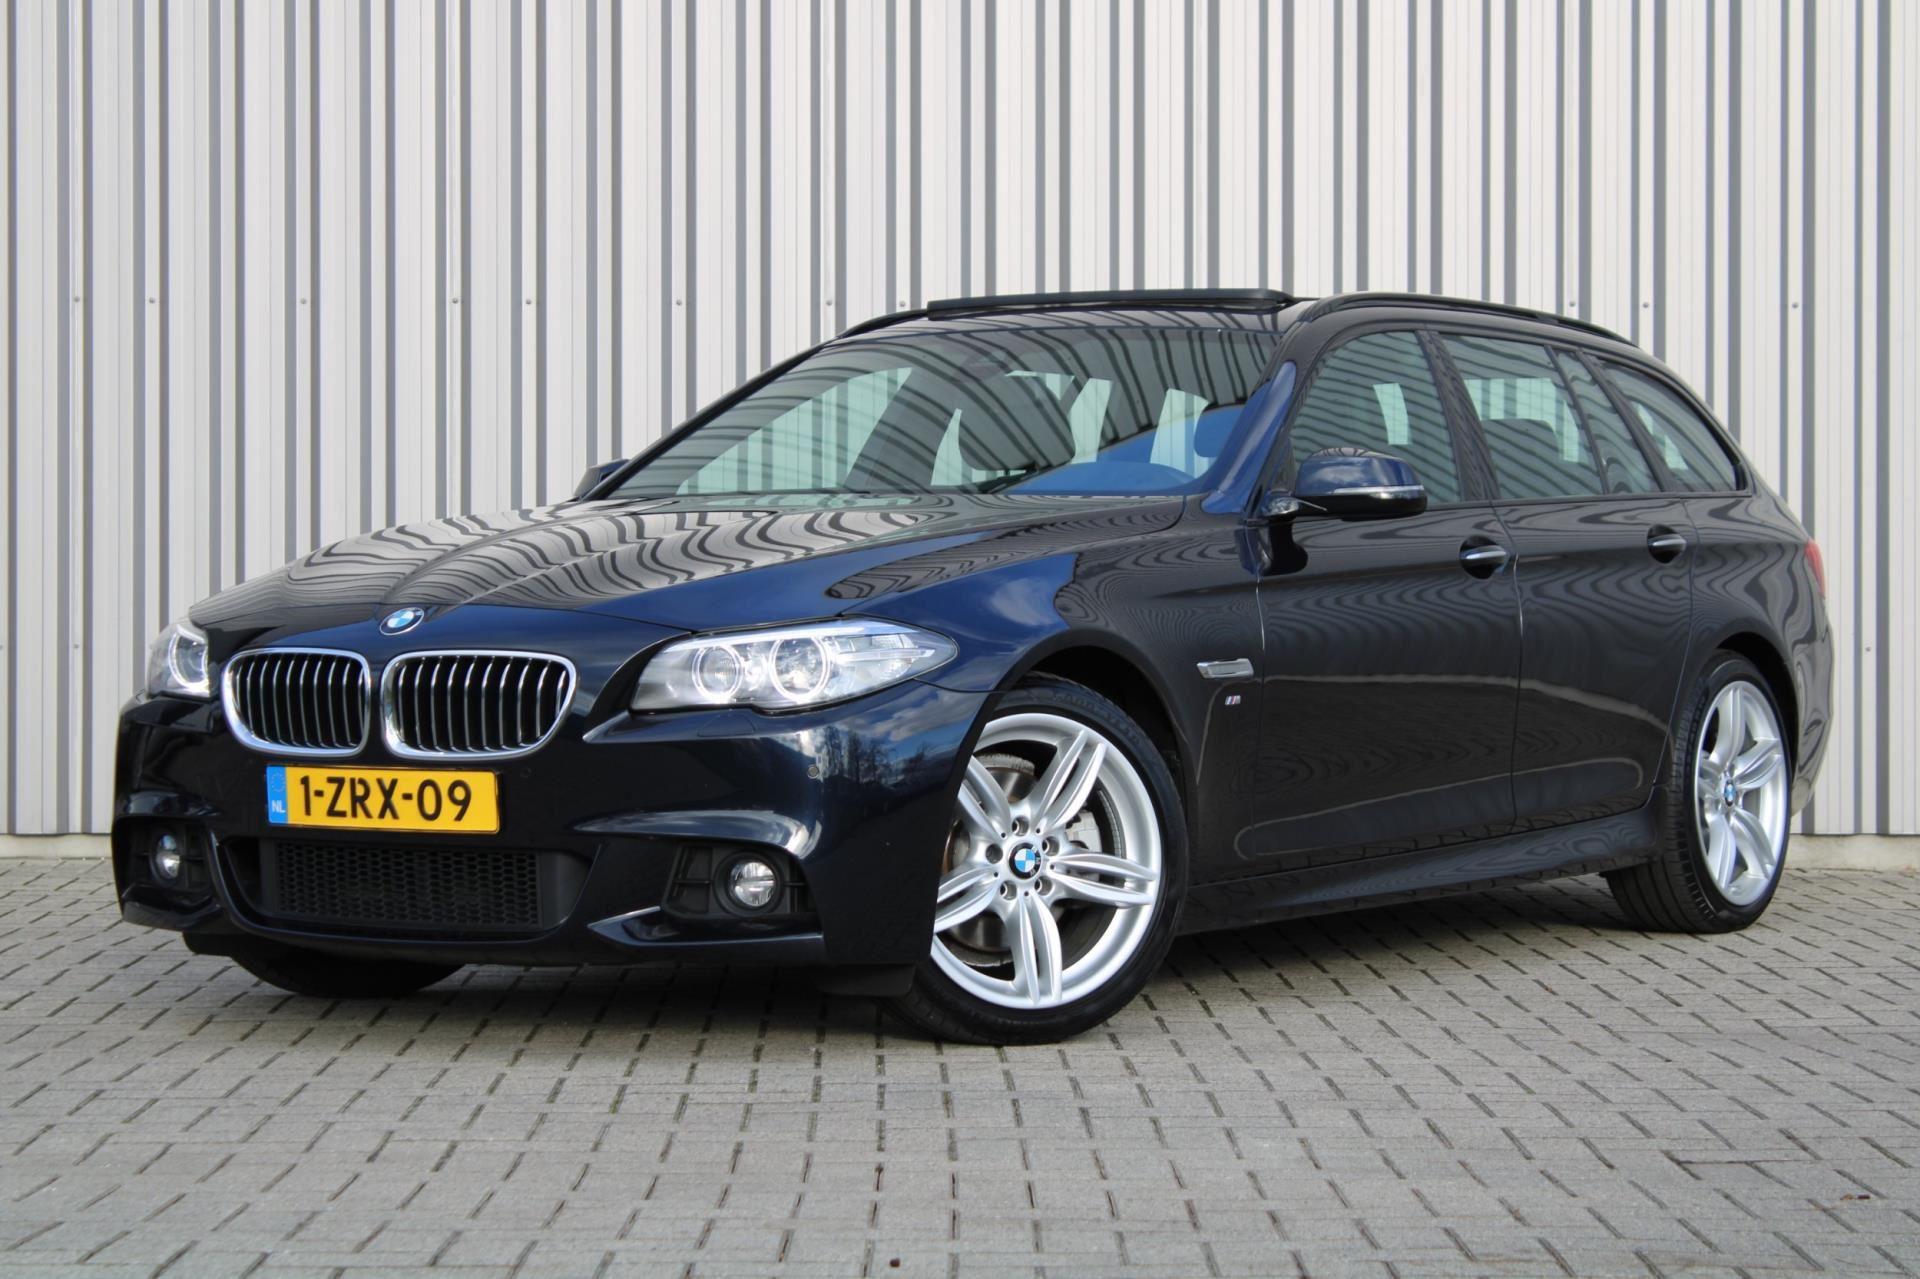 BMW 5-serie Touring occasion - Autobedrijf Van De Klundert